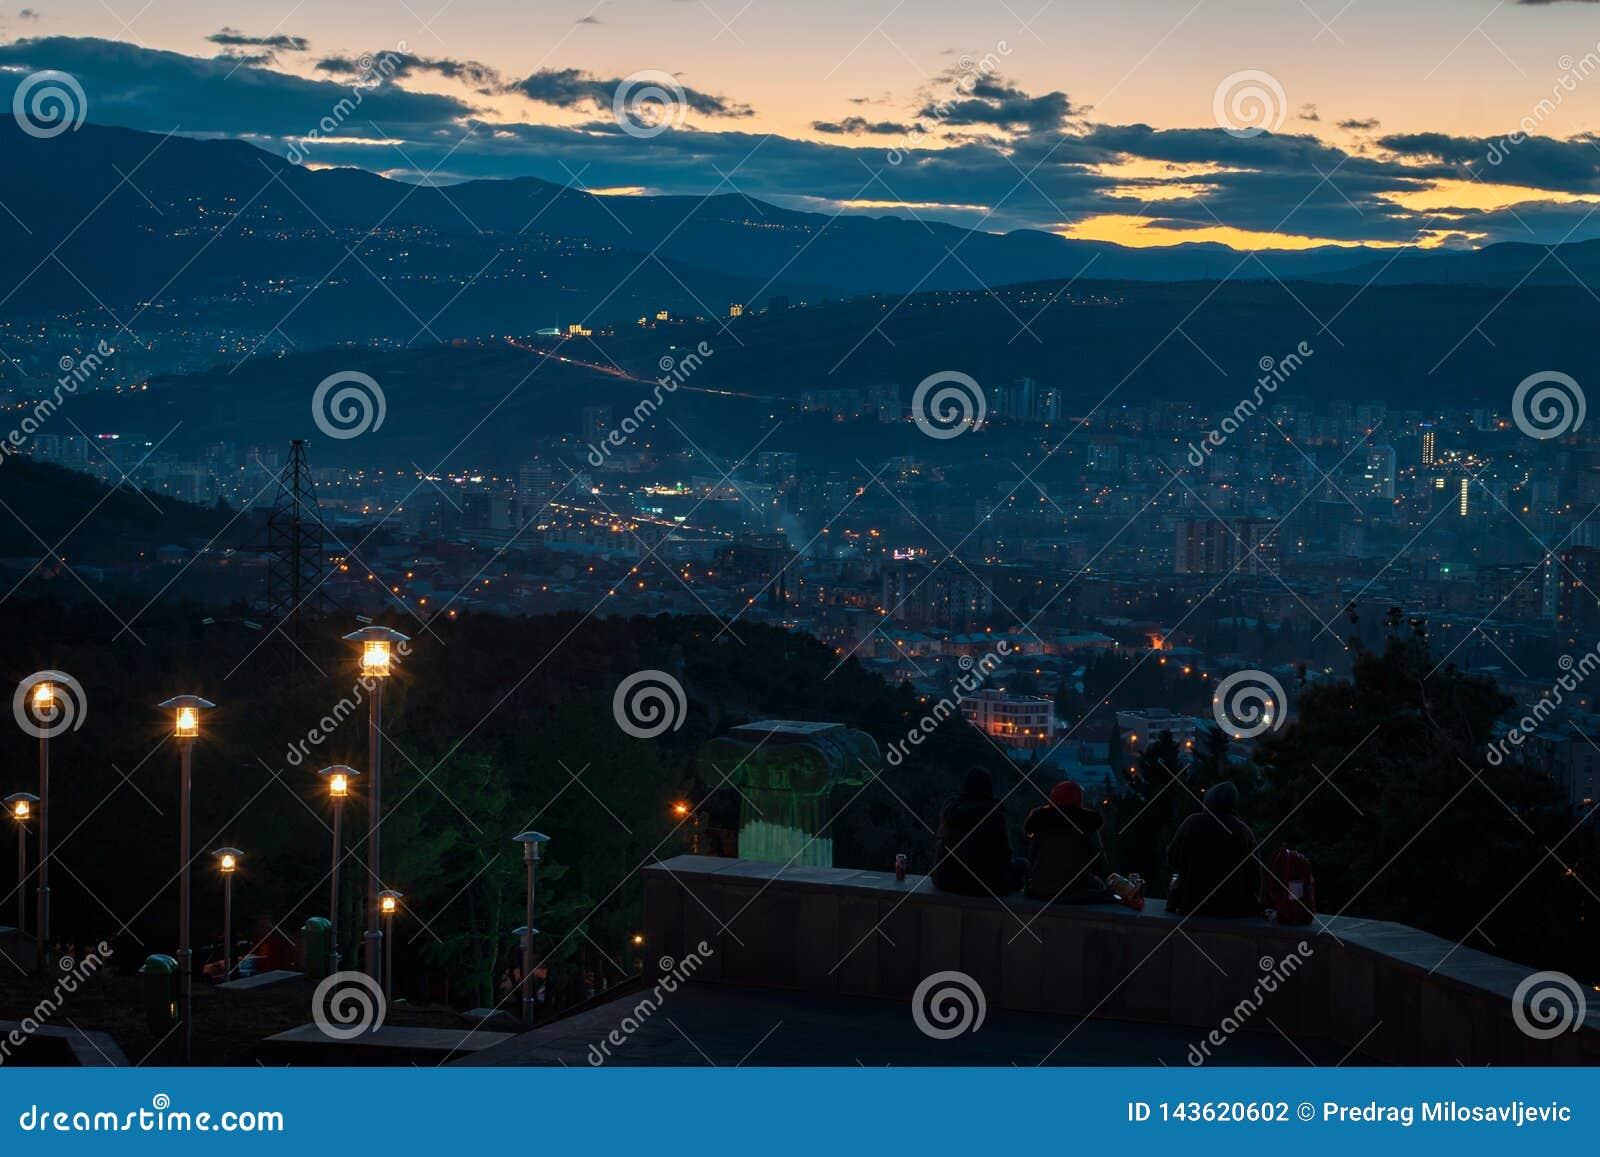 Três jovens que sentam-se sobre o monte que negligencia a capital de Geórgia, Tbilisi quando o sol for para baixo atrás do monte